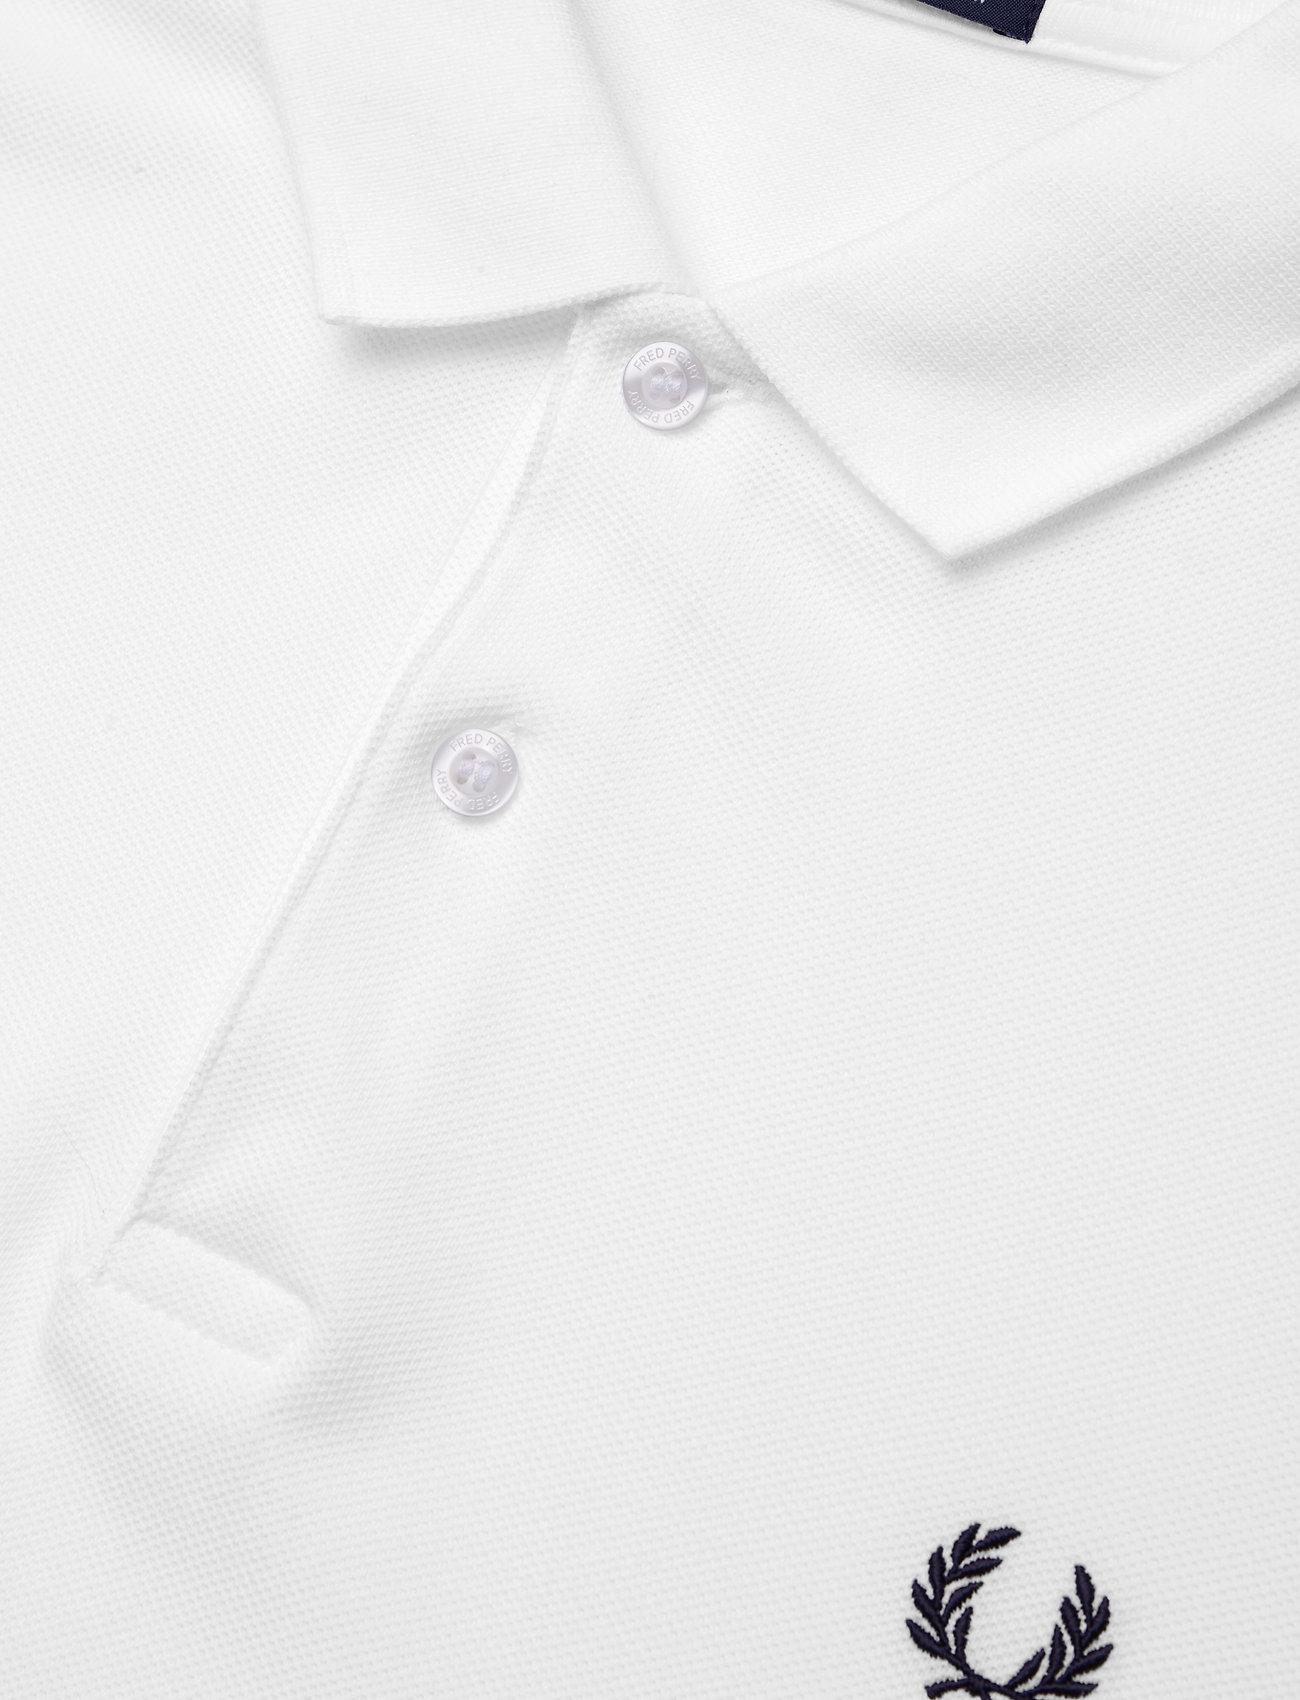 Fred Perry PLAIN FP SHIRT - Poloskjorter WHITE - Menn Klær